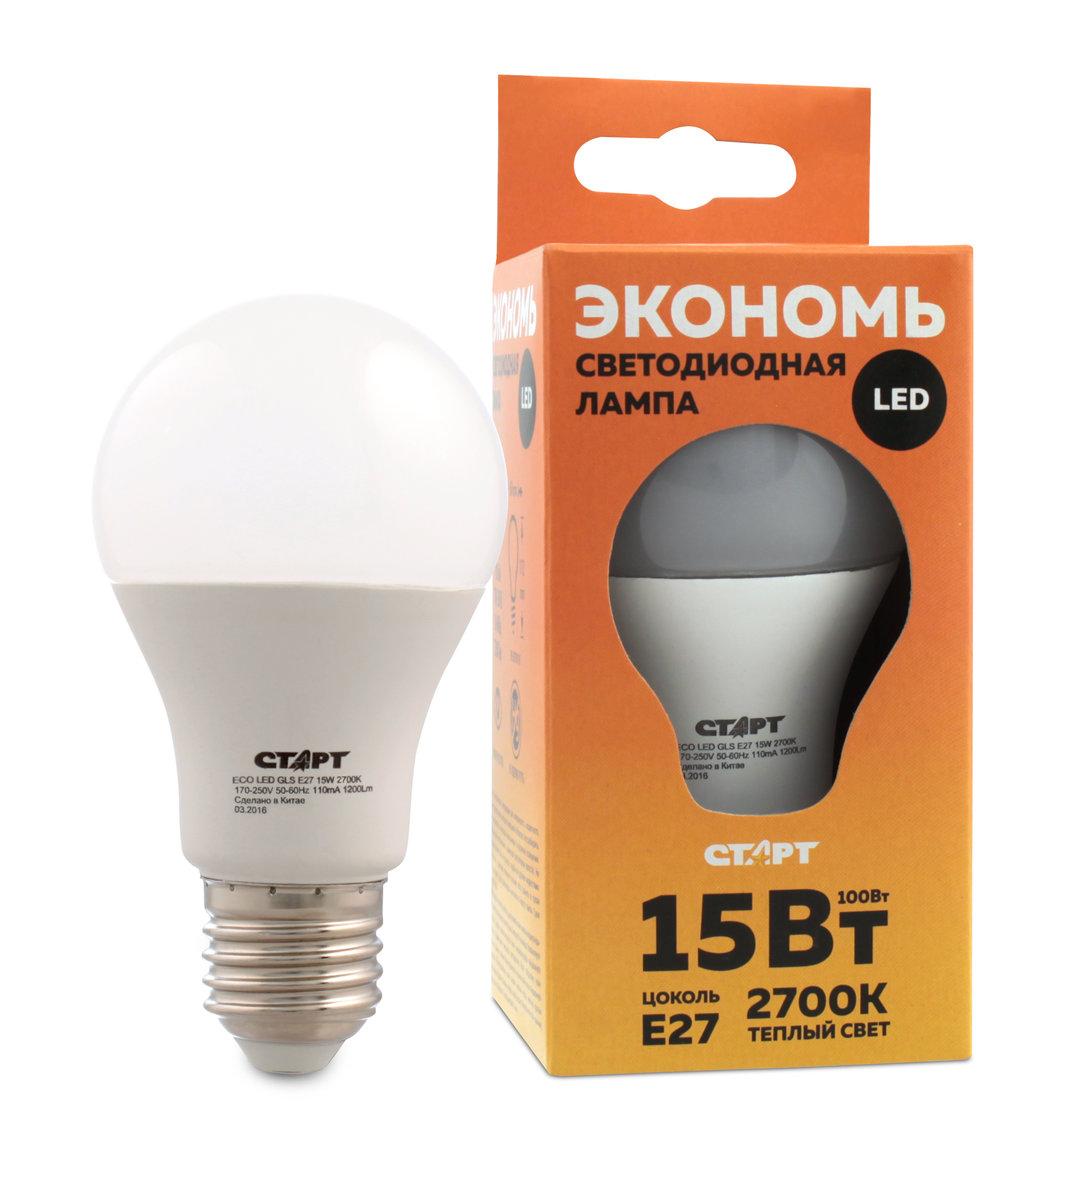 Лампа светодиодная СТАРТ, теплый свет, цоколь E27, 15W10664Светодиодная лампа СТАРТ – это самый энергоэффективный источник света, при этом имеющий рекордный срок службы. Светодиодные лампы – изделия прочные, не боятся падения с высоты человеческого роста, встрясок и вибраций. Лампа не имеет вредных материалов в своем составе, а также в процессе эксплуатации светодиодная лампа не излучает ИК- и УФ-лучи.Мощность, Вт: 15.Световой поток, Лм: 1200.Напряжение и частота: 220-240 V.Цоколь: E27.Угол светового пучка: 240°.Цветовая температура, К: 2700.Срок службы, часов: 15000.